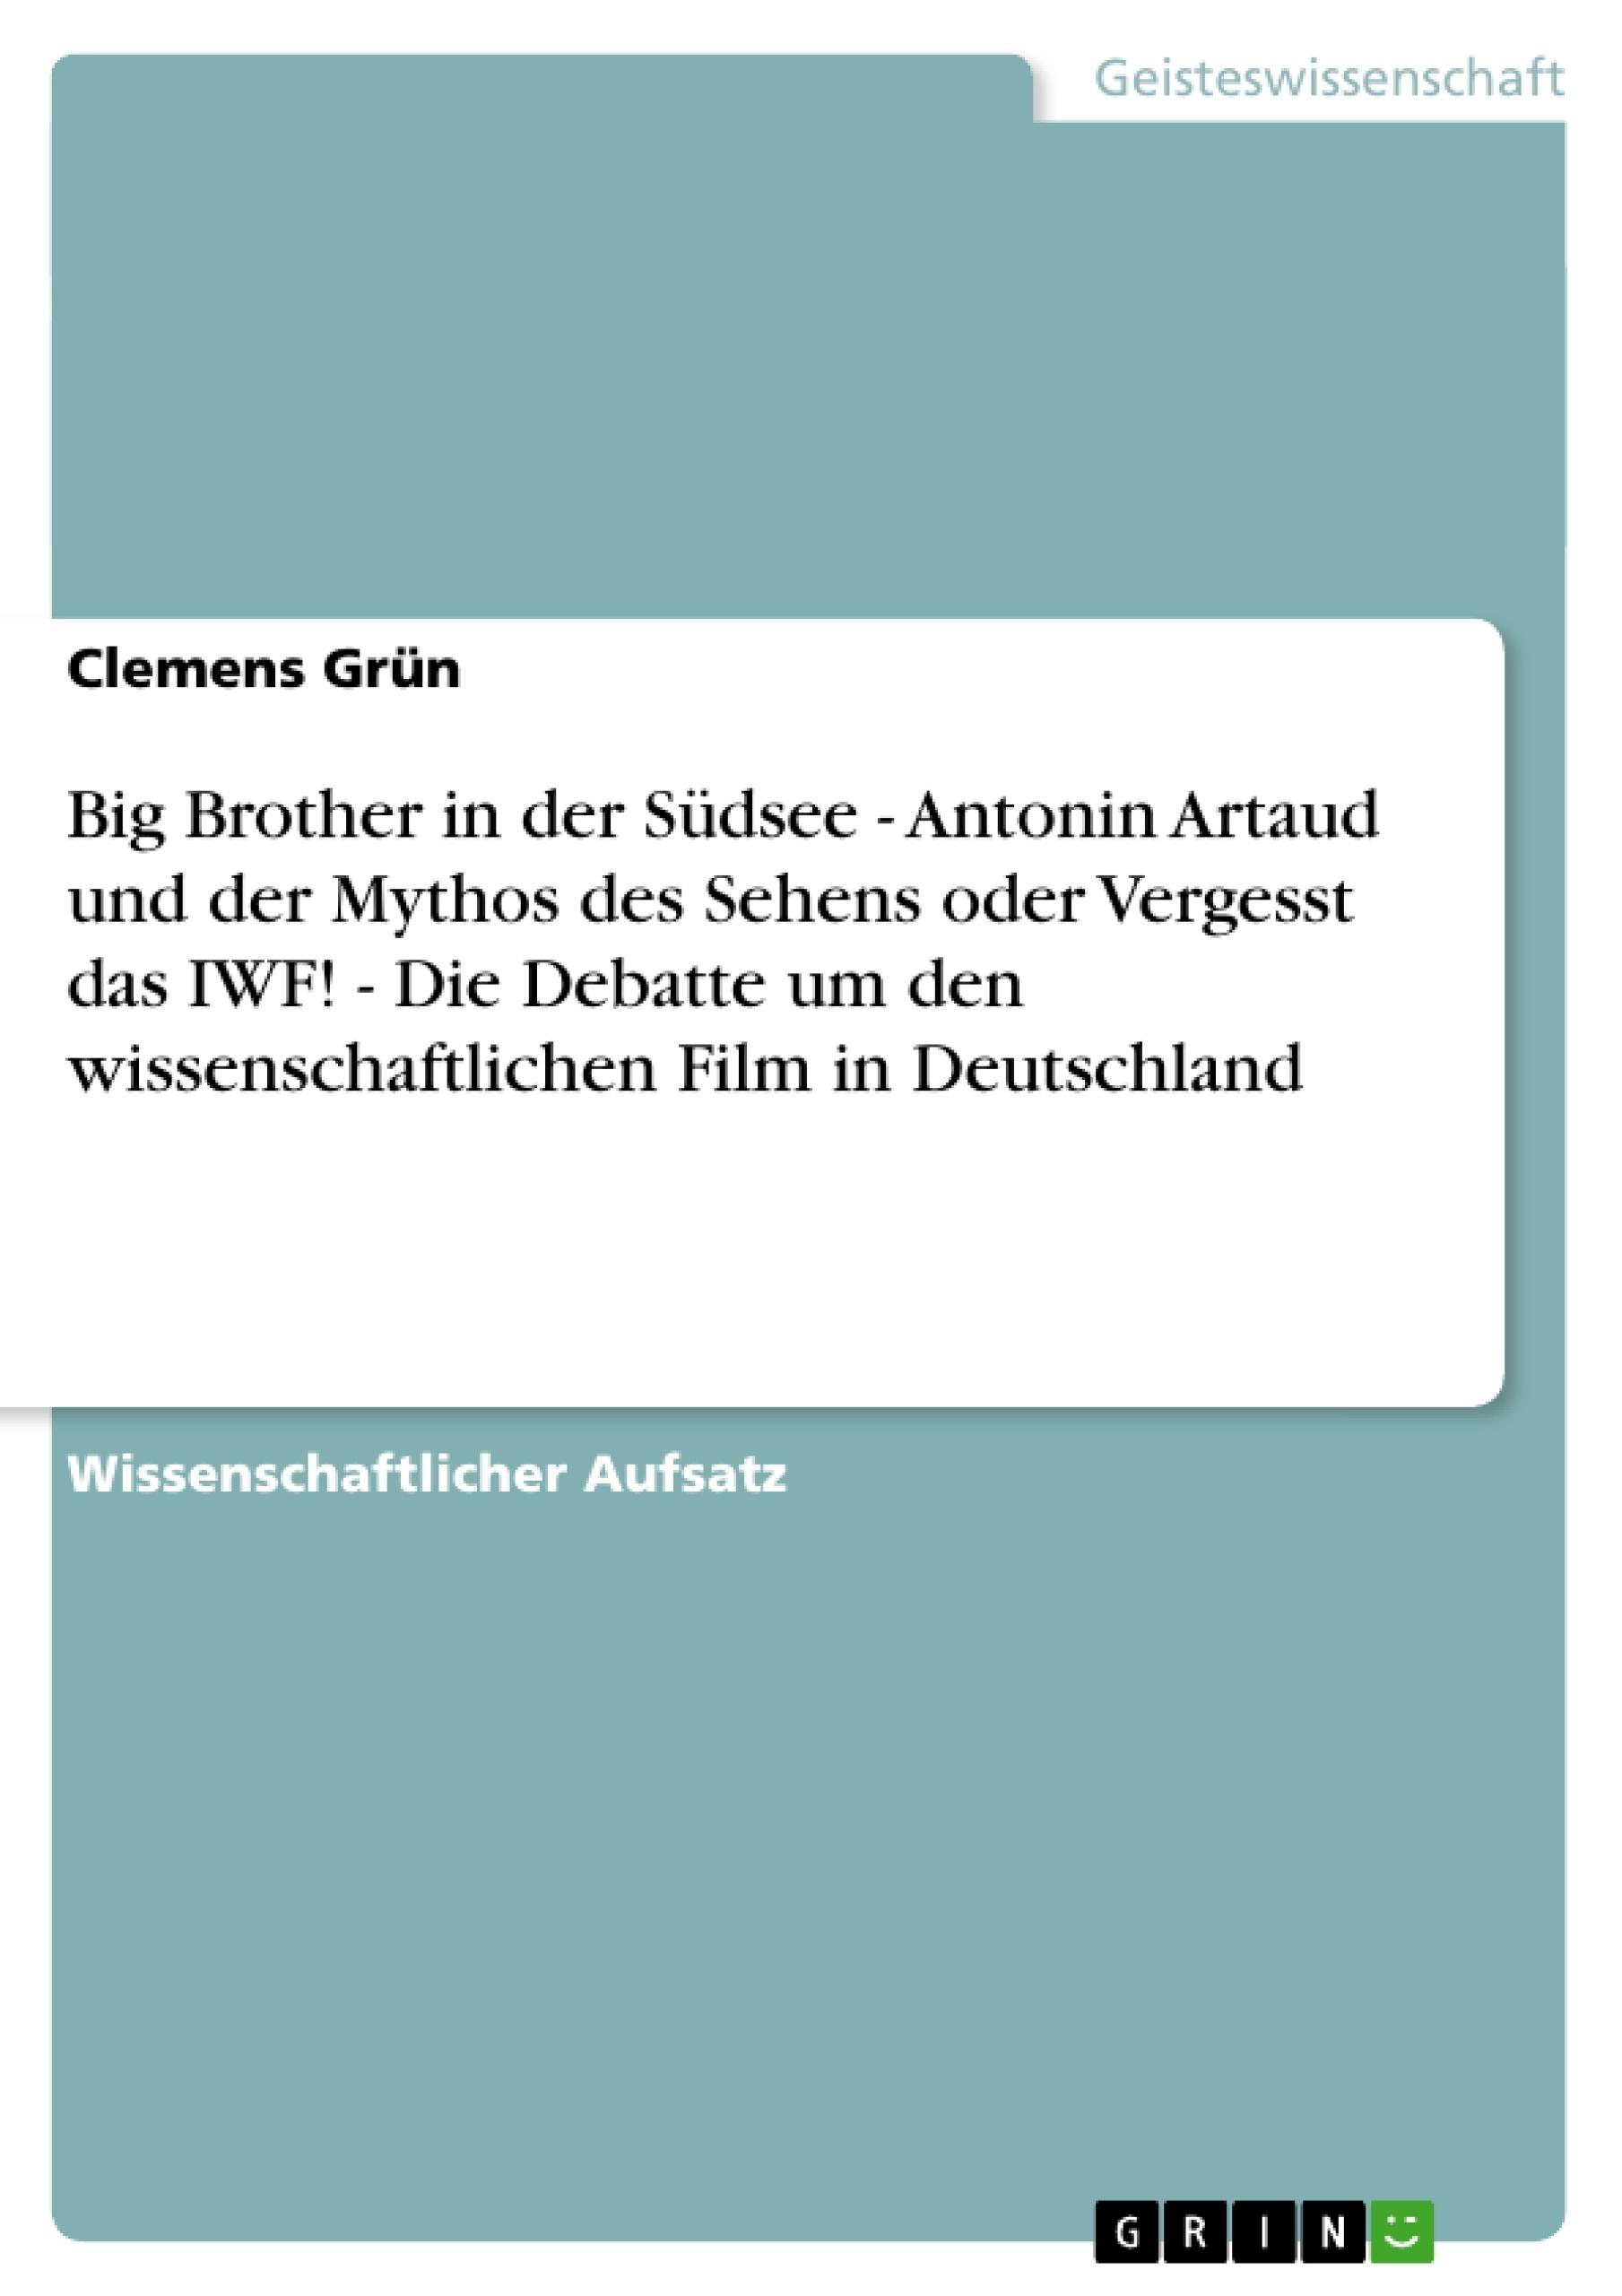 Titel: Big Brother in der Südsee - Antonin Artaud und der Mythos des Sehens oder Vergesst das IWF! - Die Debatte um den wissenschaftlichen Film in Deutschland